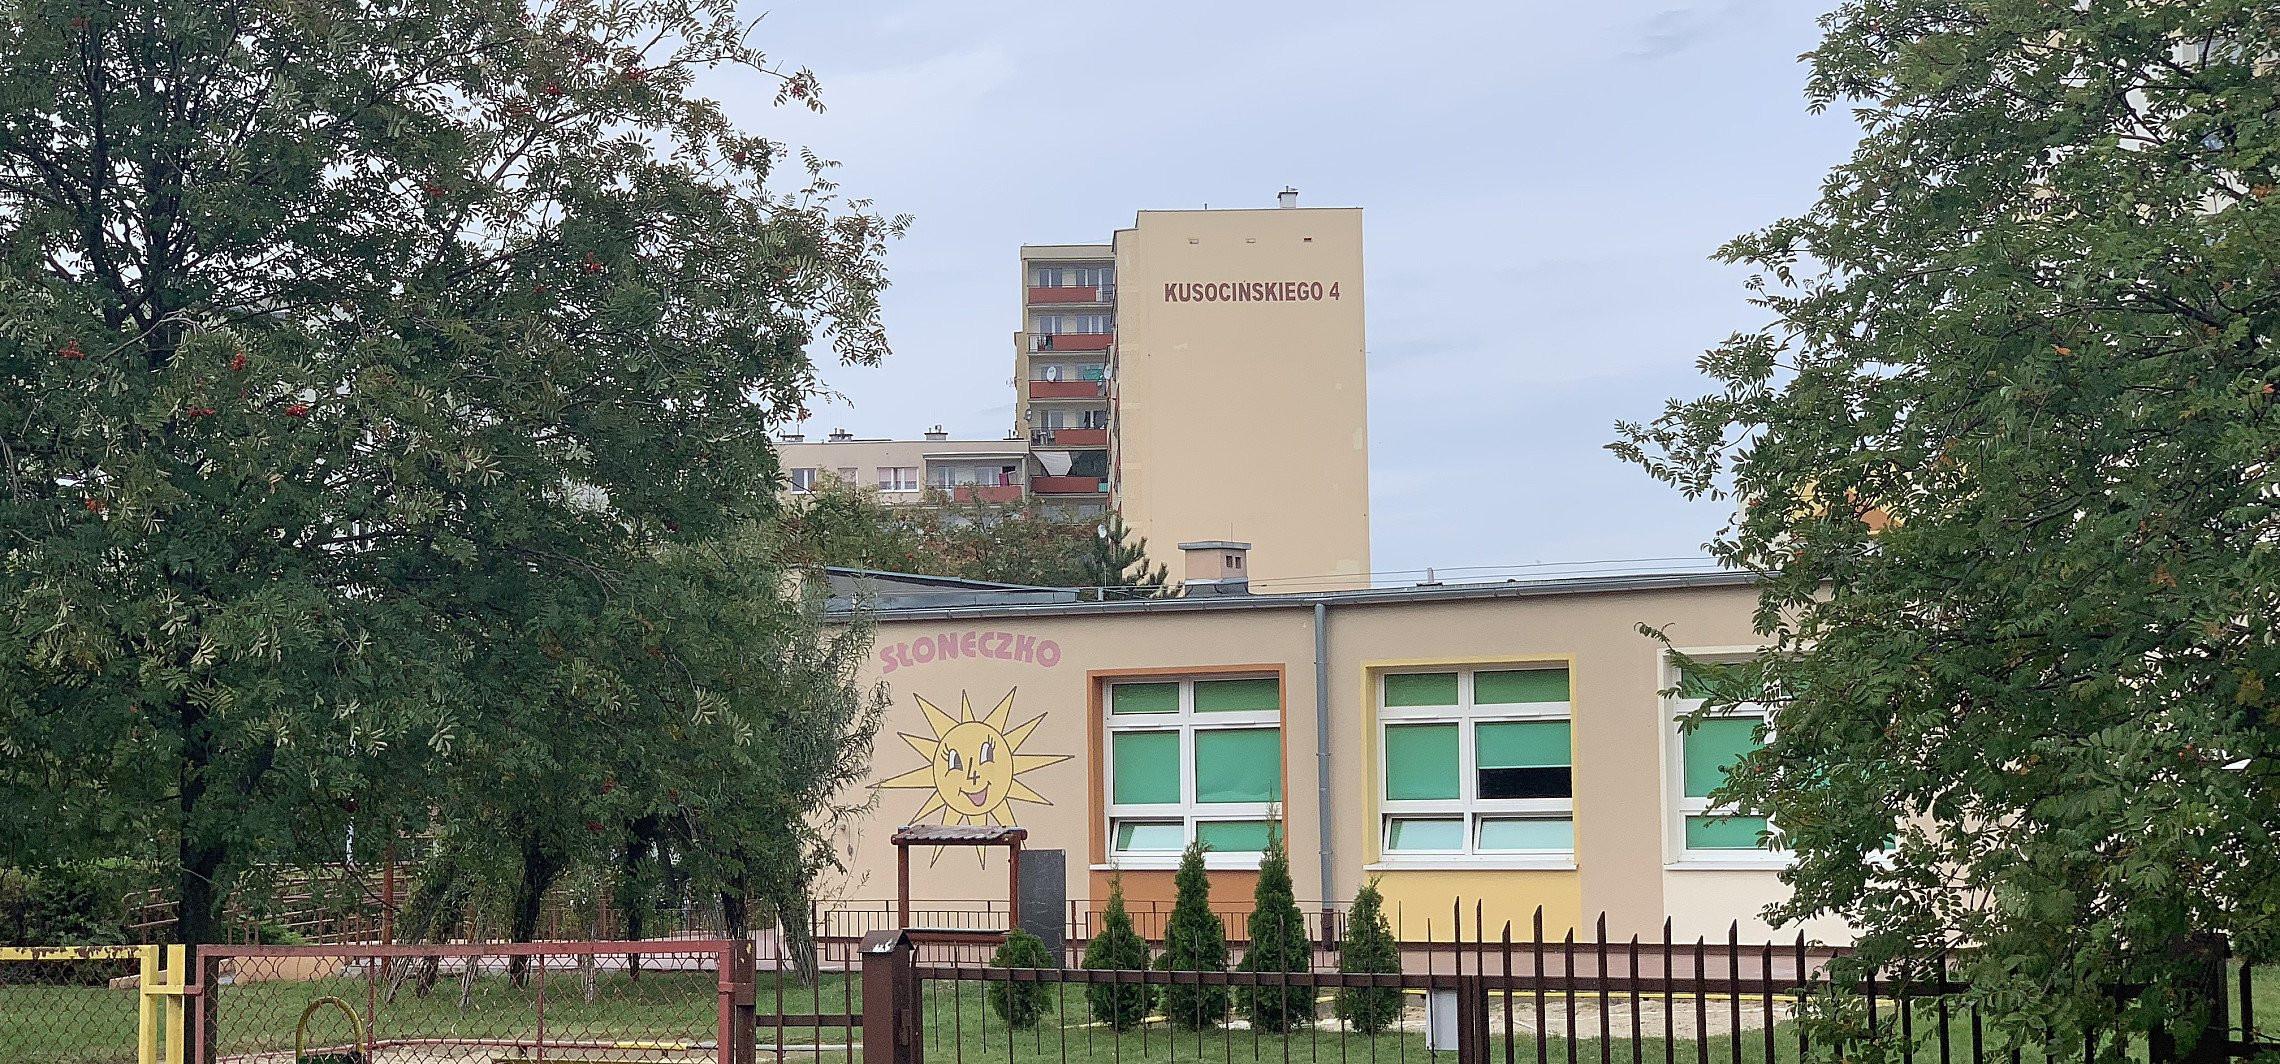 Inowrocław - COVID-19 w przedszkolu. Dzieci na kwarantannie